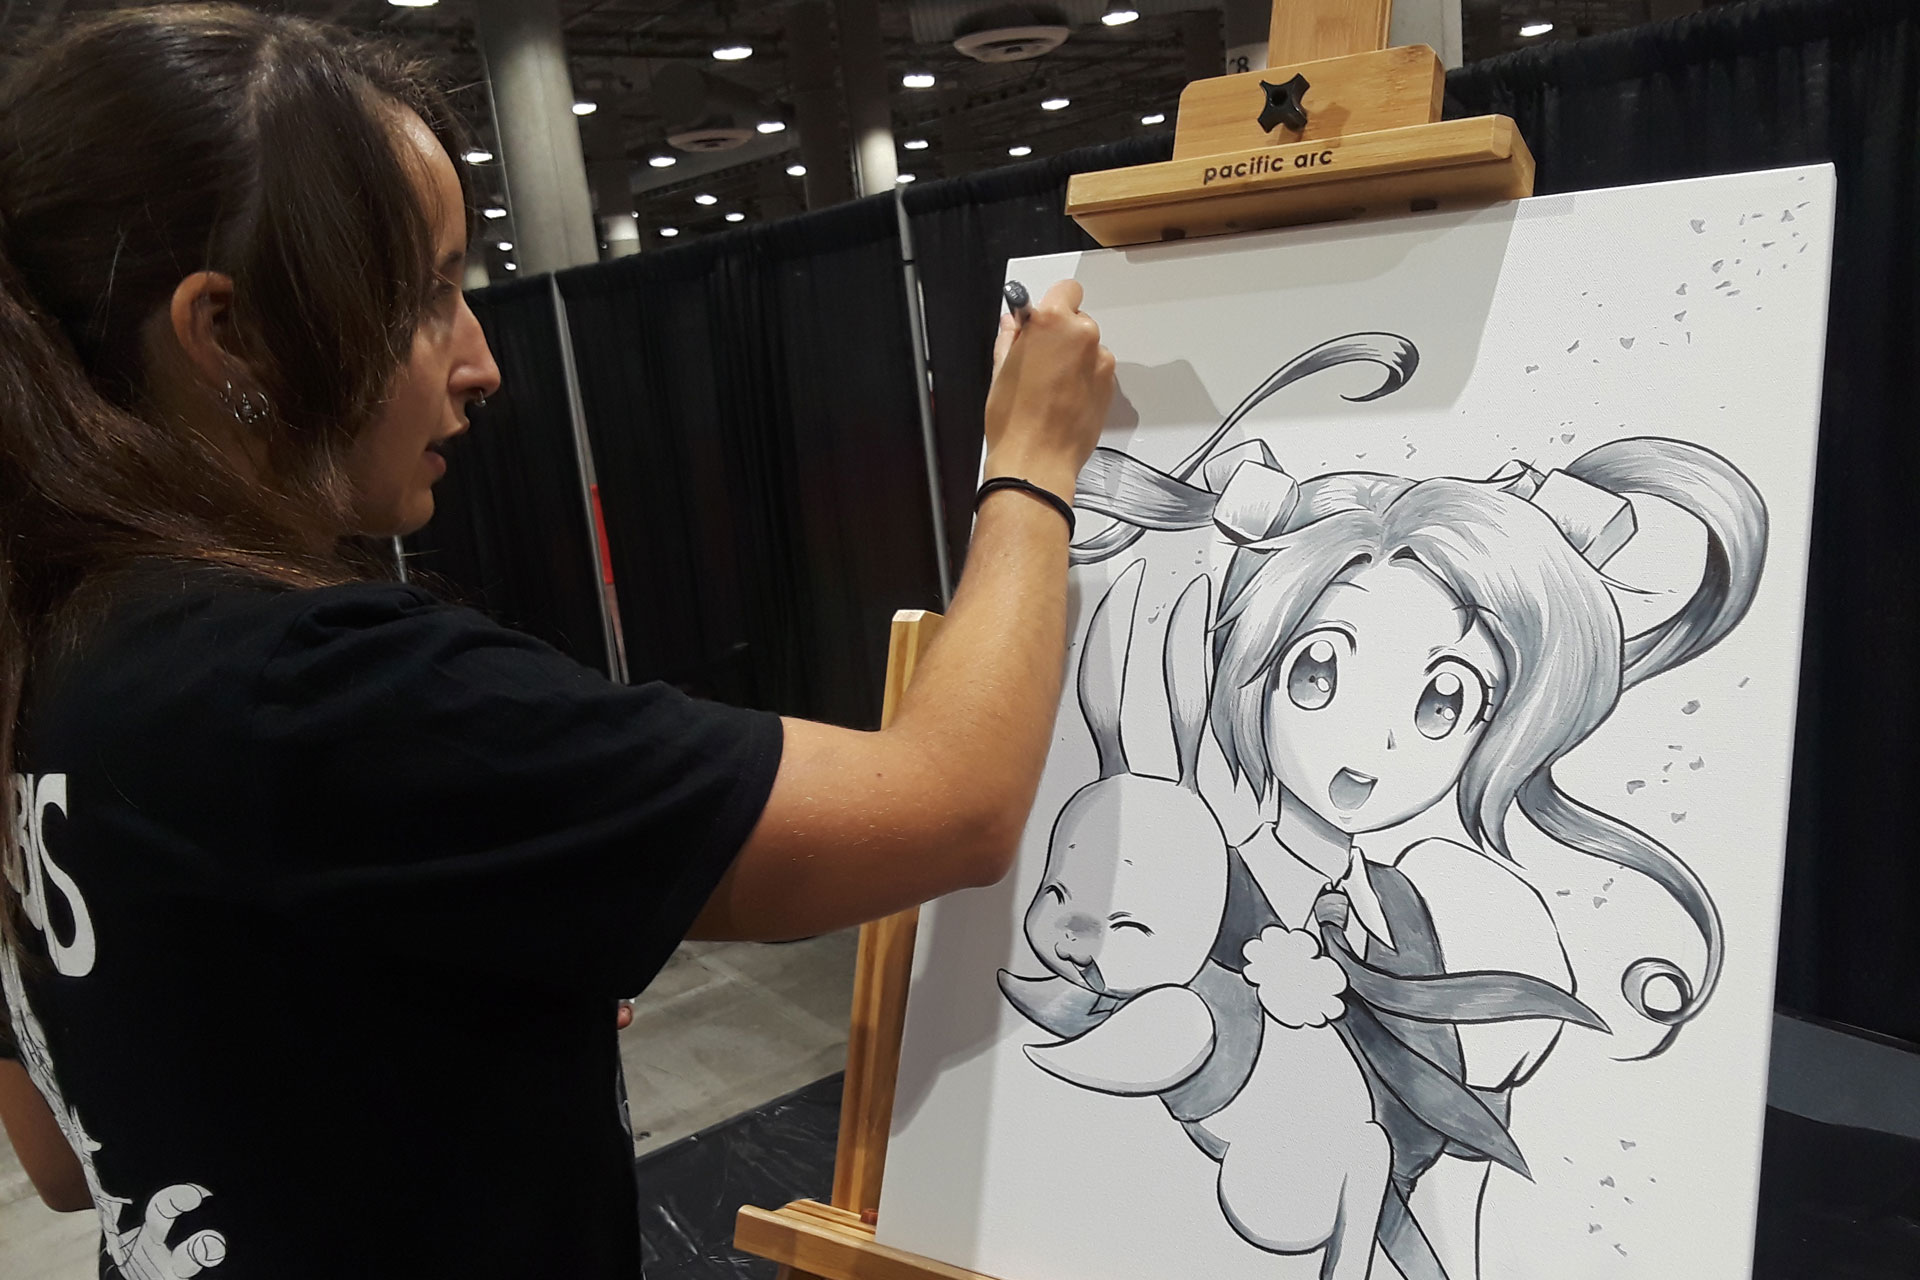 Natalia batista drawing